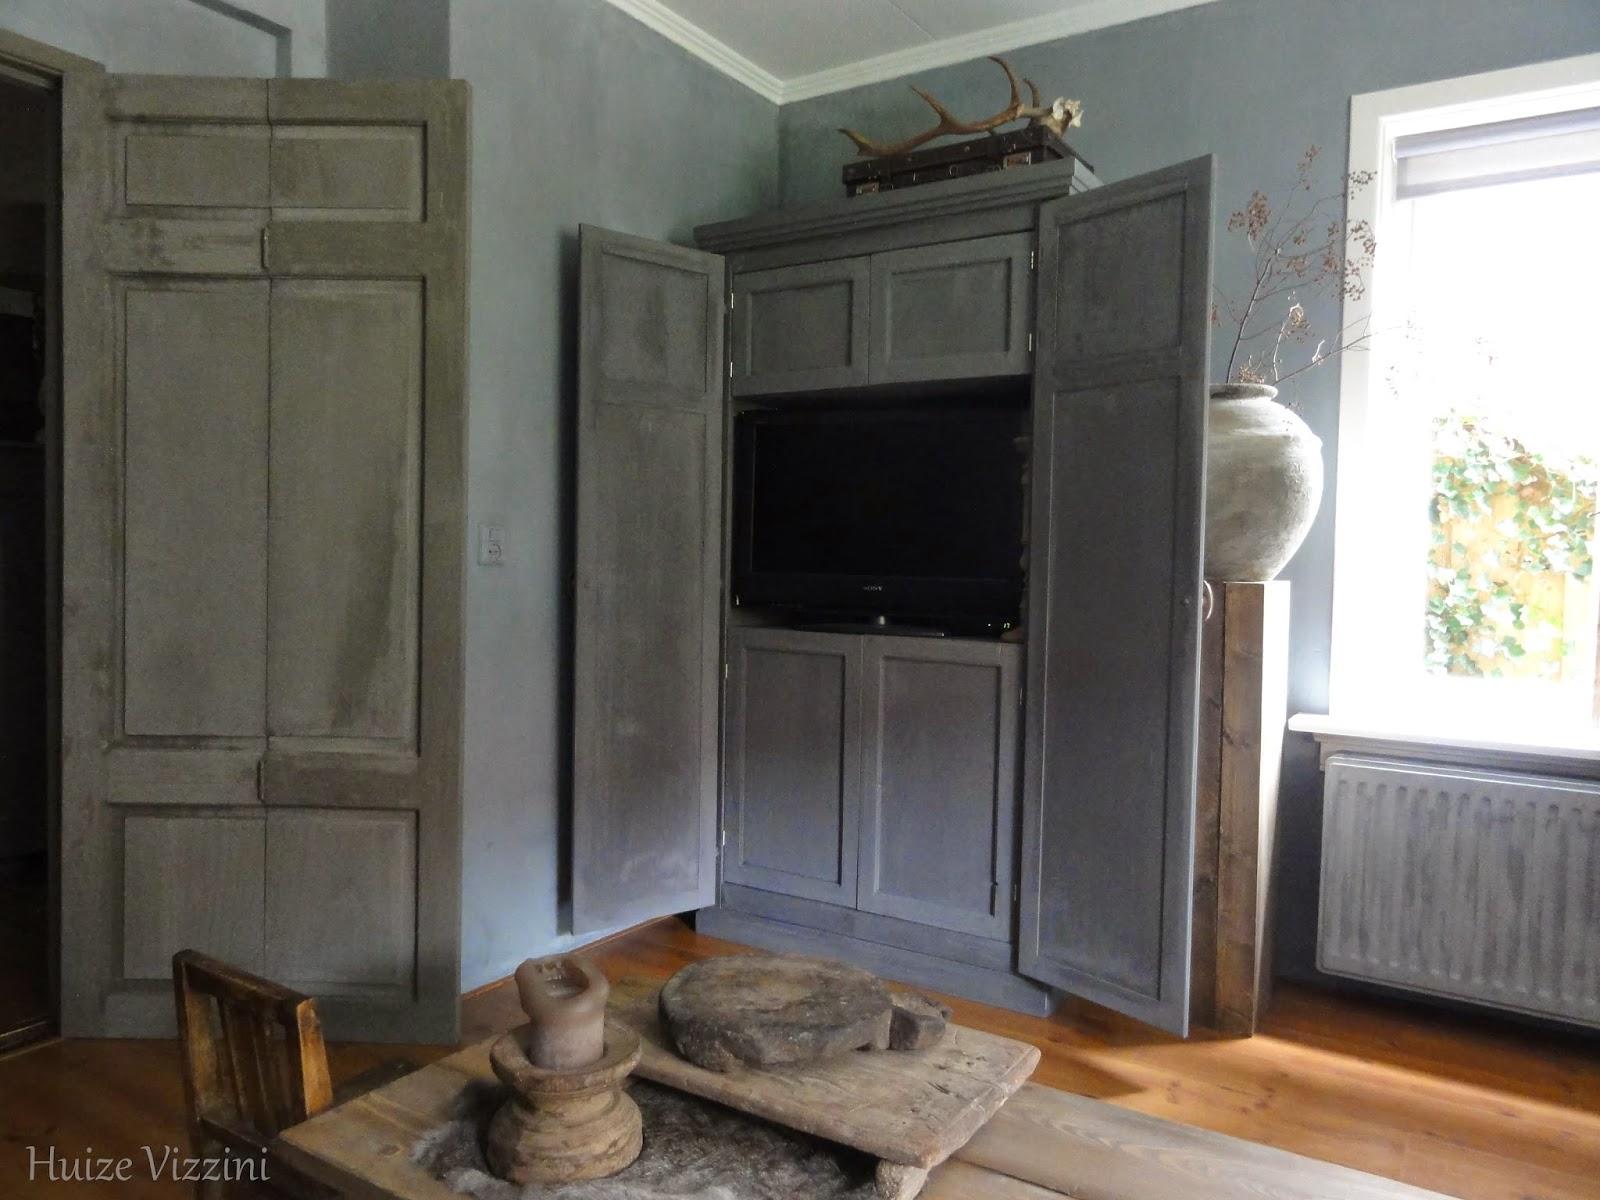 Kast Met Kleuren: Tv kast foshan deuren nissen iepenhout kleuren ...